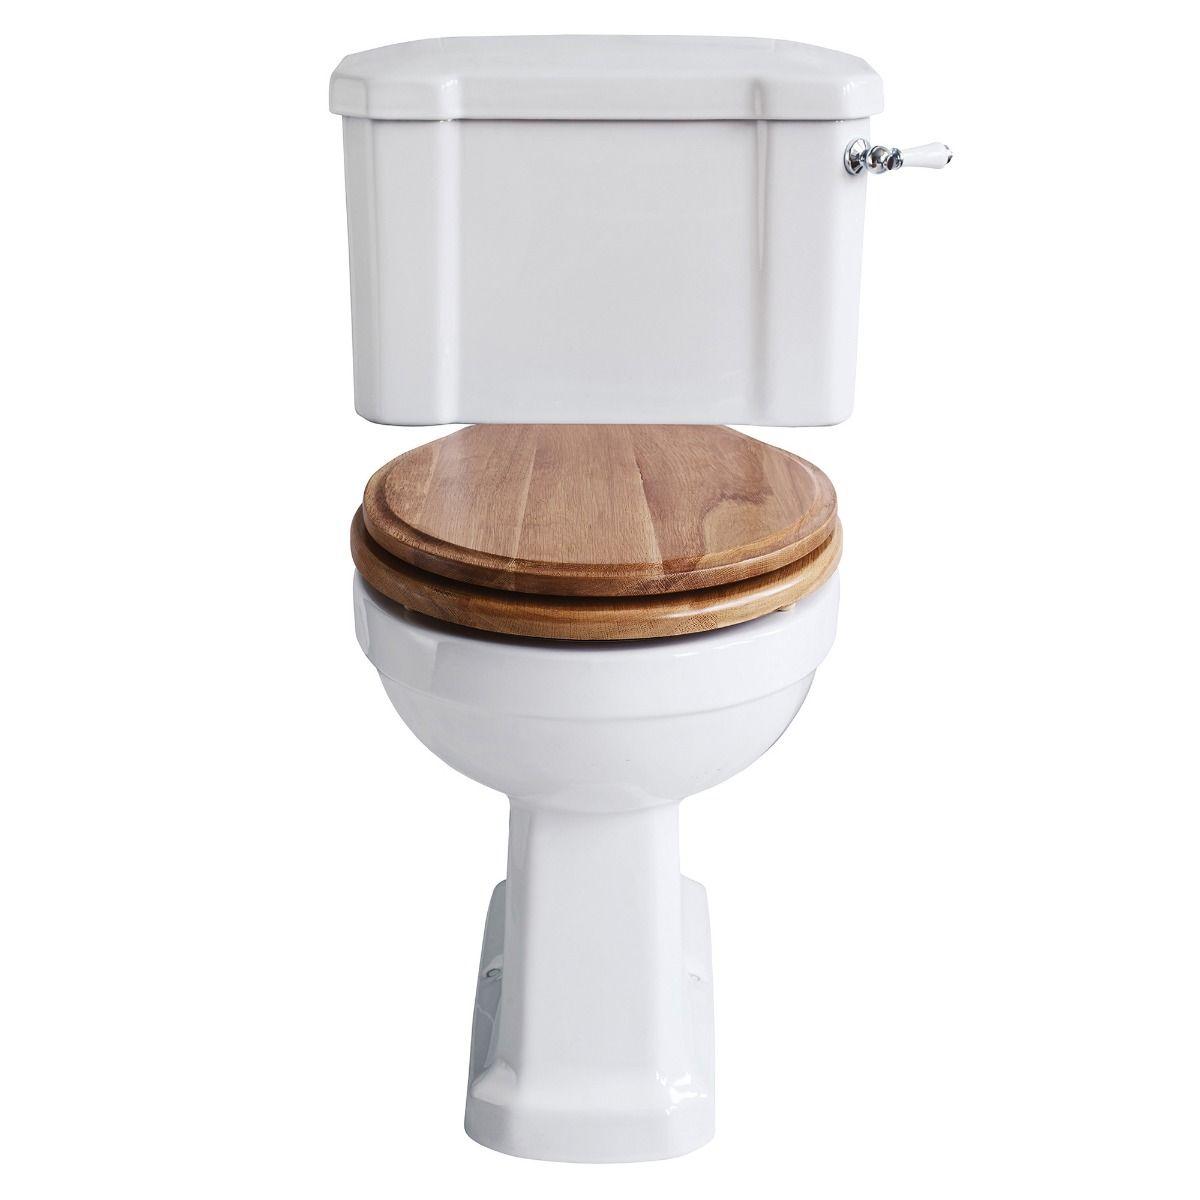 Fitzrovia Toilet